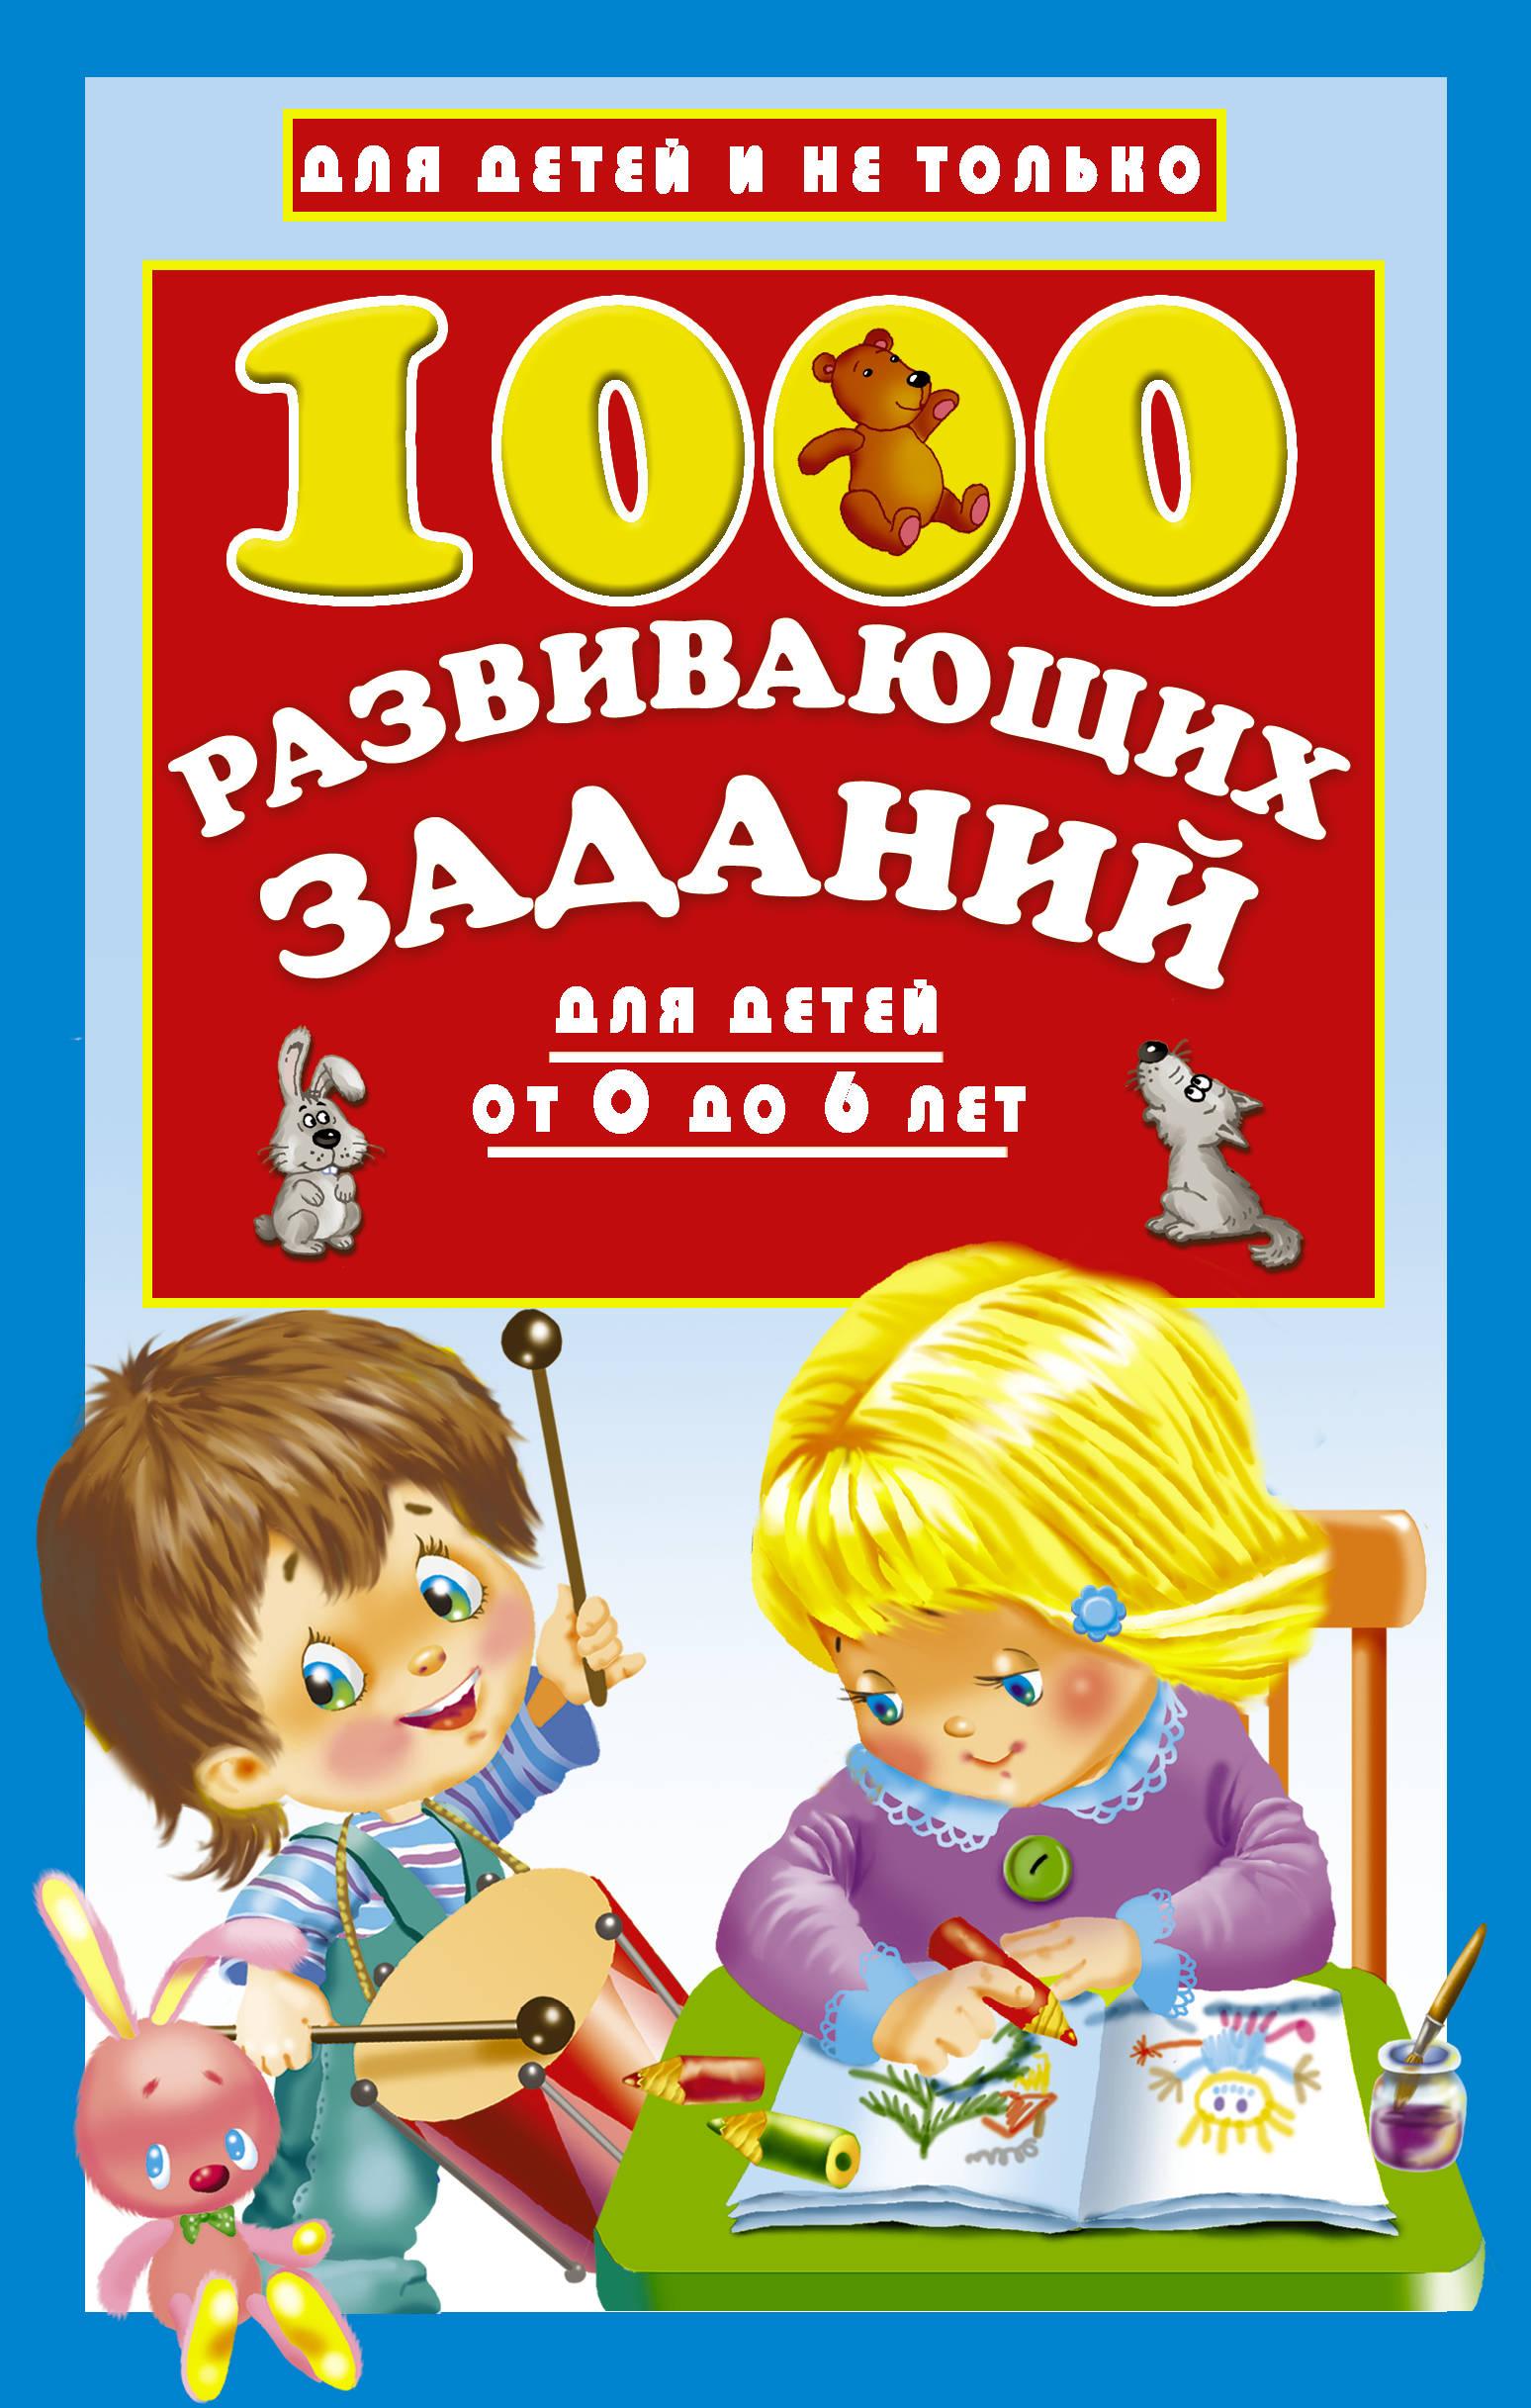 1000 развивающих заданий для детей от 0 до 6 лет ( Дмитриева В.Г.  )